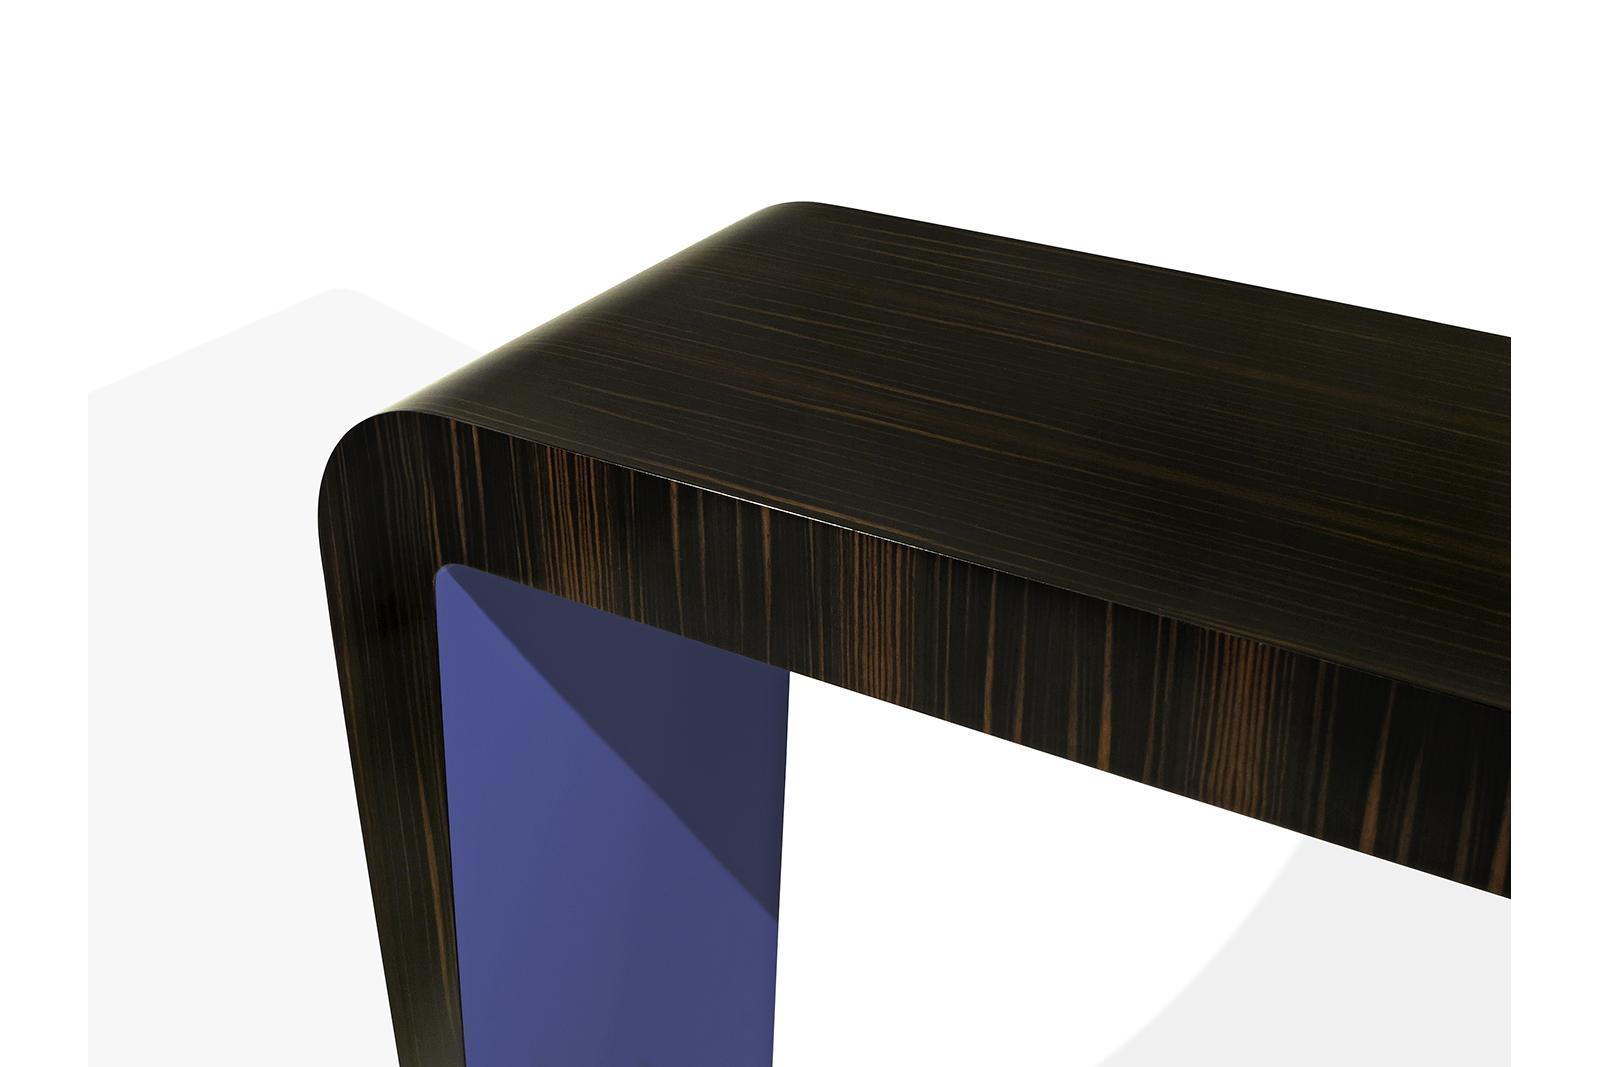 Console In Macassar Ebony, Blue Lacquer & Bronze